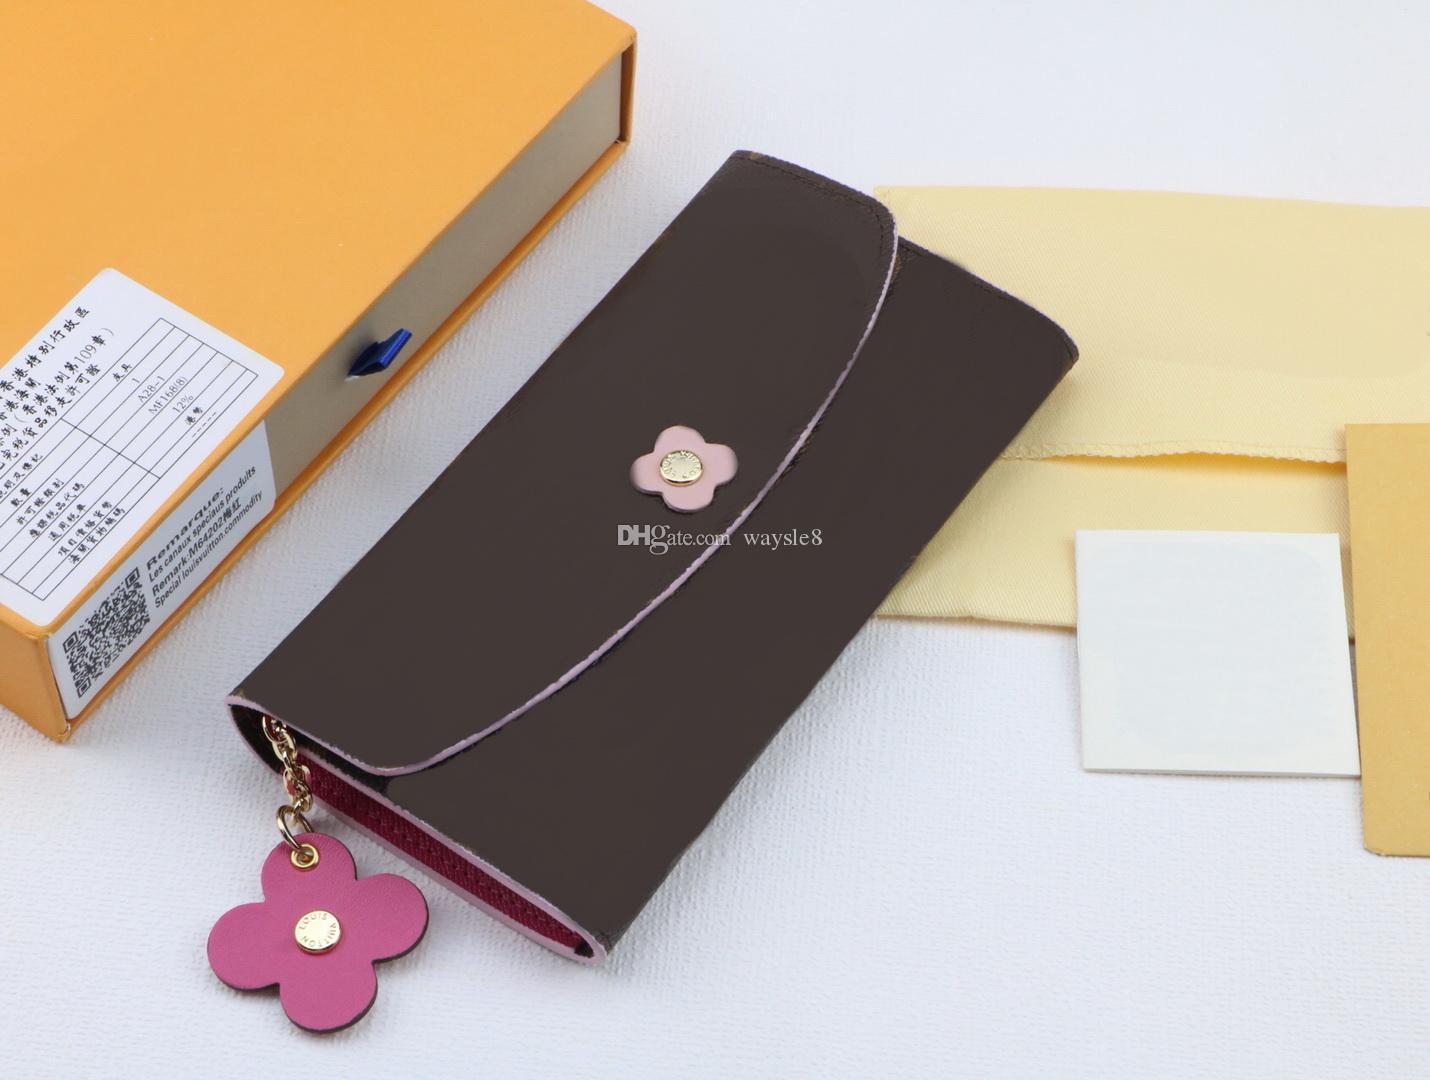 Femmes célèbres / hommes en cuir véritable titulaire de la carte Emilie sacs à main 19 cm livraison gratuite vente chaude pièce long Hasp portefeuilles avec boîte # 16